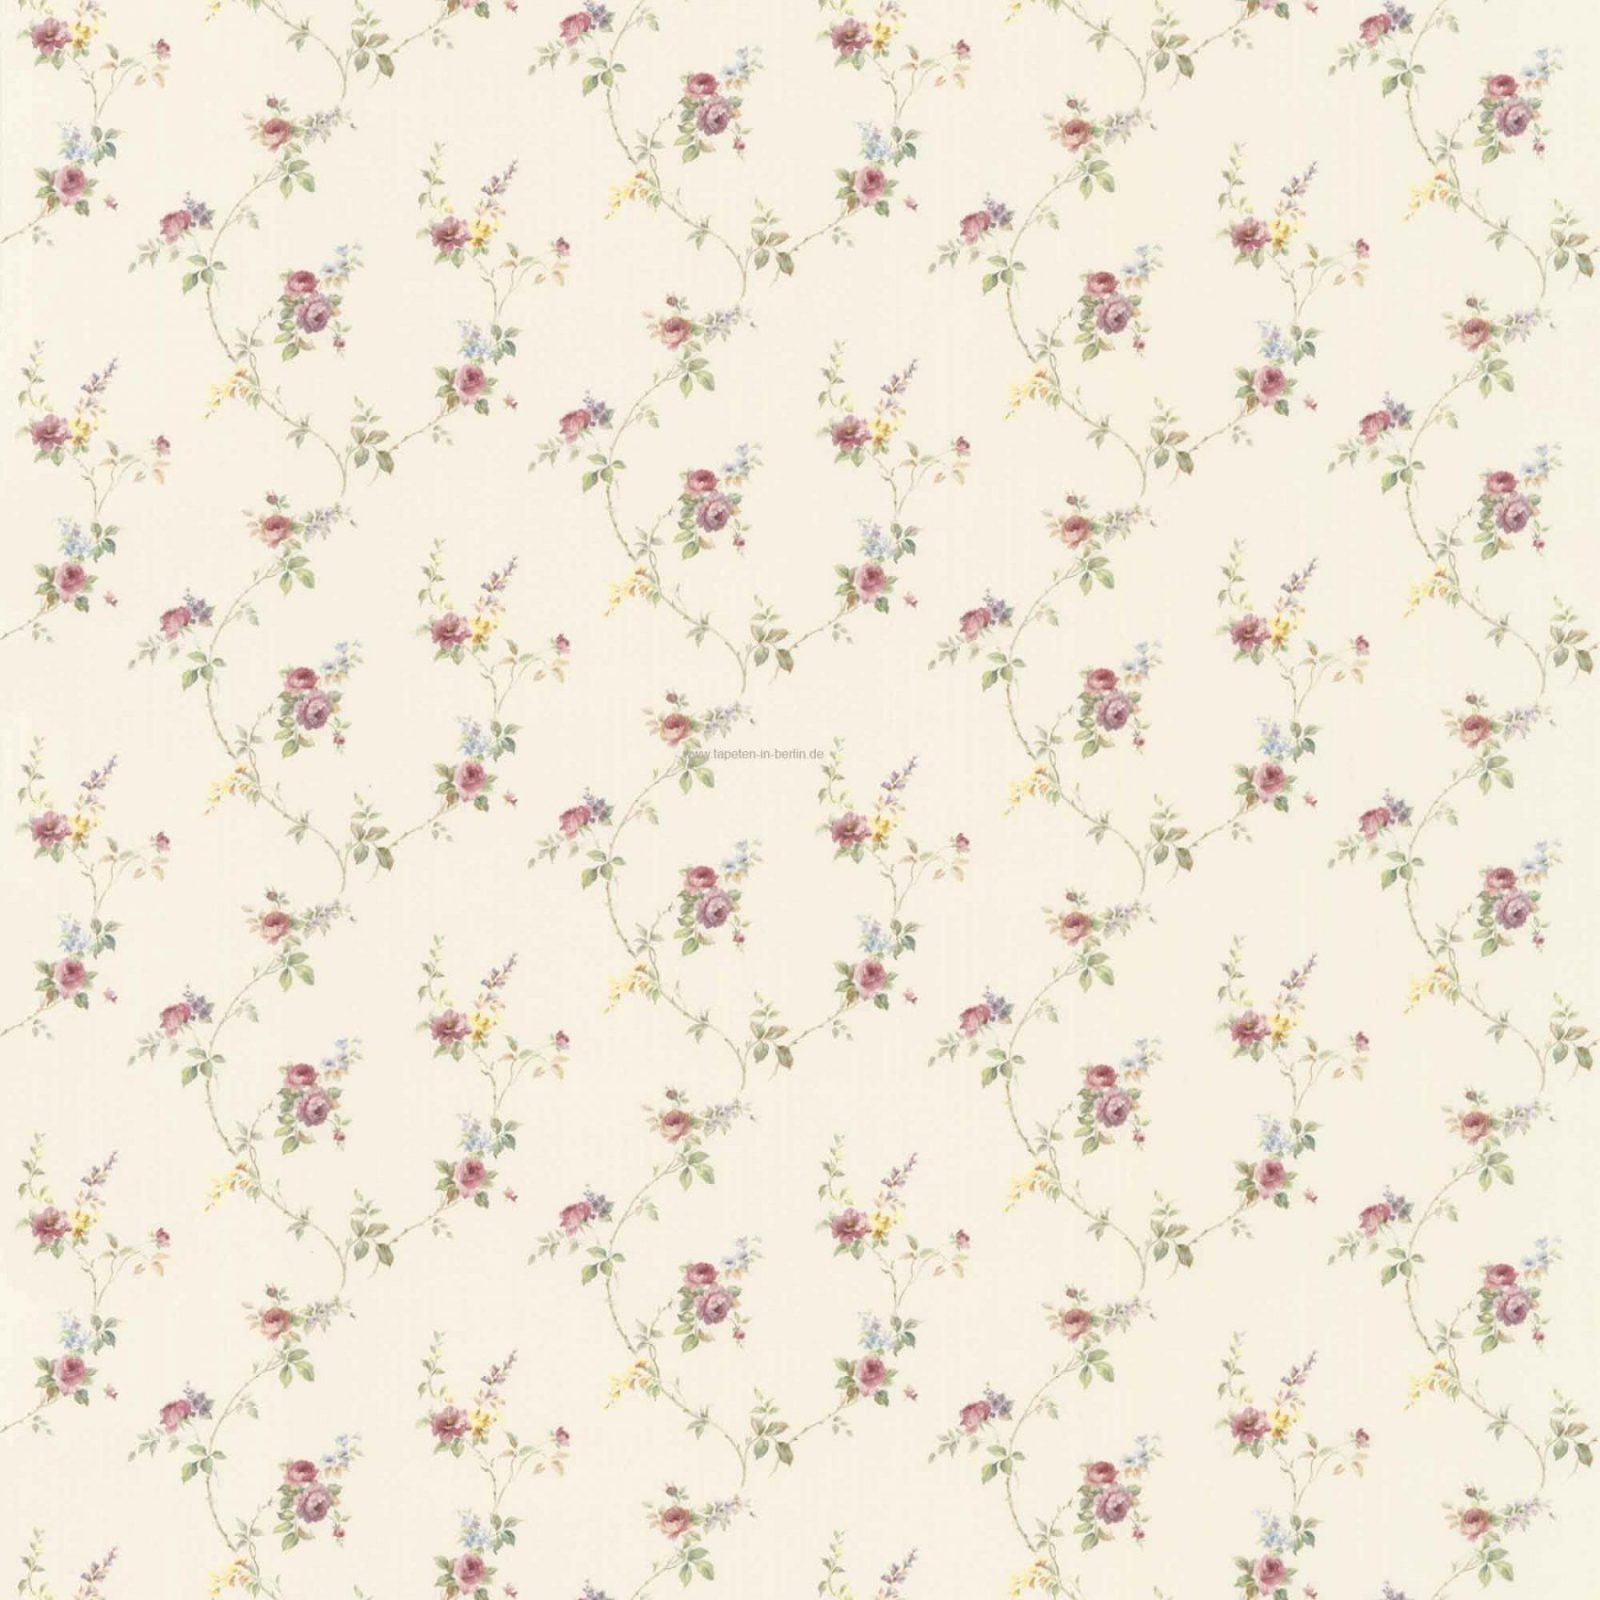 blumen tapeten 5 landhausstil florale u streifen tapete u borte von tapete landhaus floral. Black Bedroom Furniture Sets. Home Design Ideas